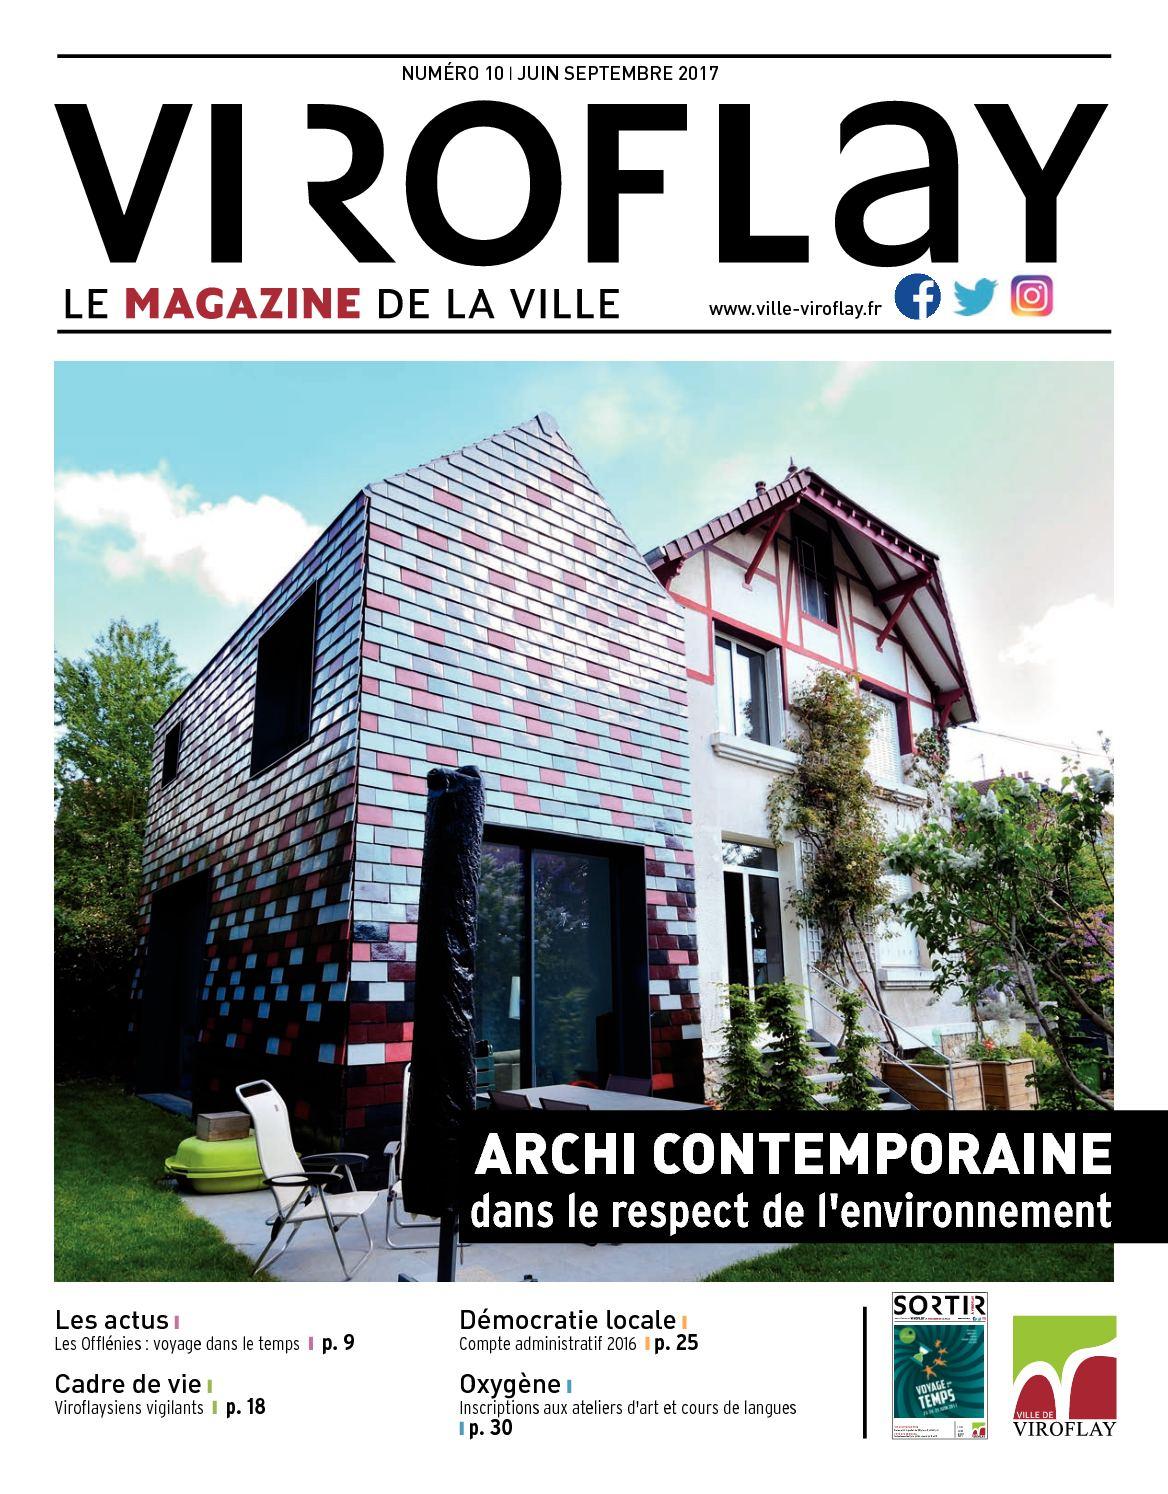 Serrurier Velizy Villacoublay se rapportant à calaméo - viroflay le magazine de la ville n°10 (juin - septembre 2017)